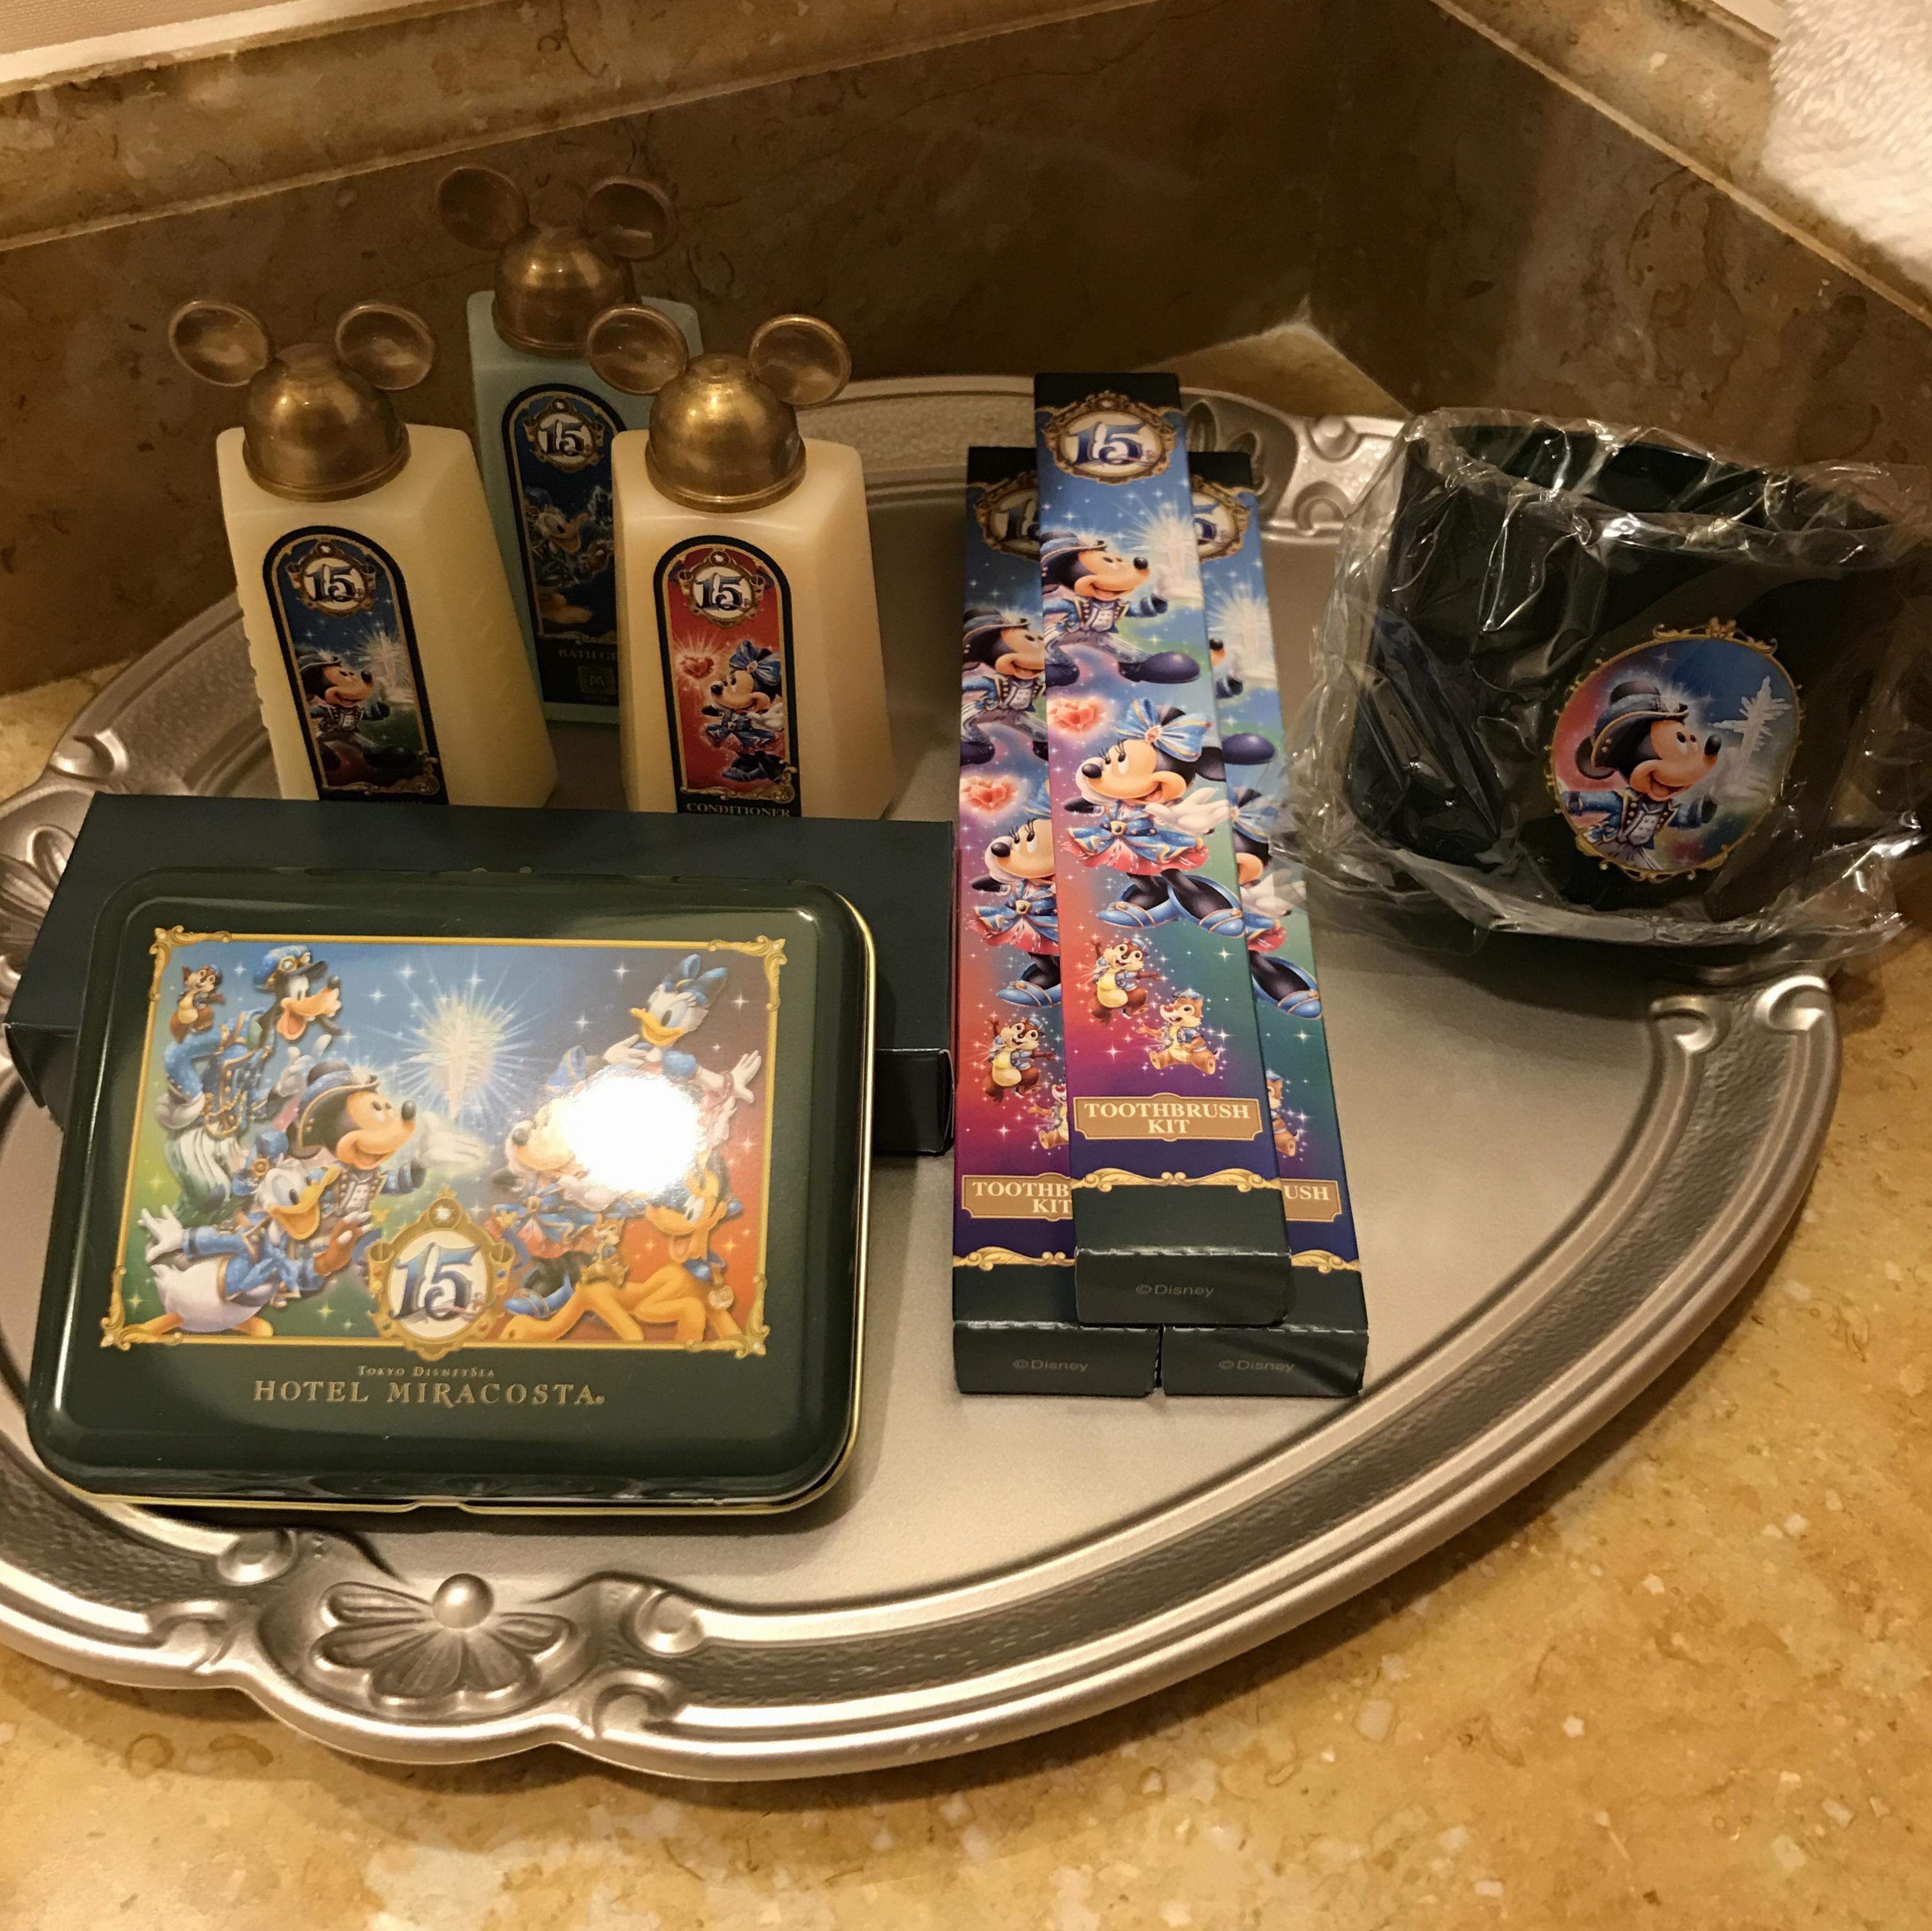 【夢のお泊まりディズニー♡】ホテルミラコスタの魅力をたっぷりご紹介します(*´꒳`*)_5